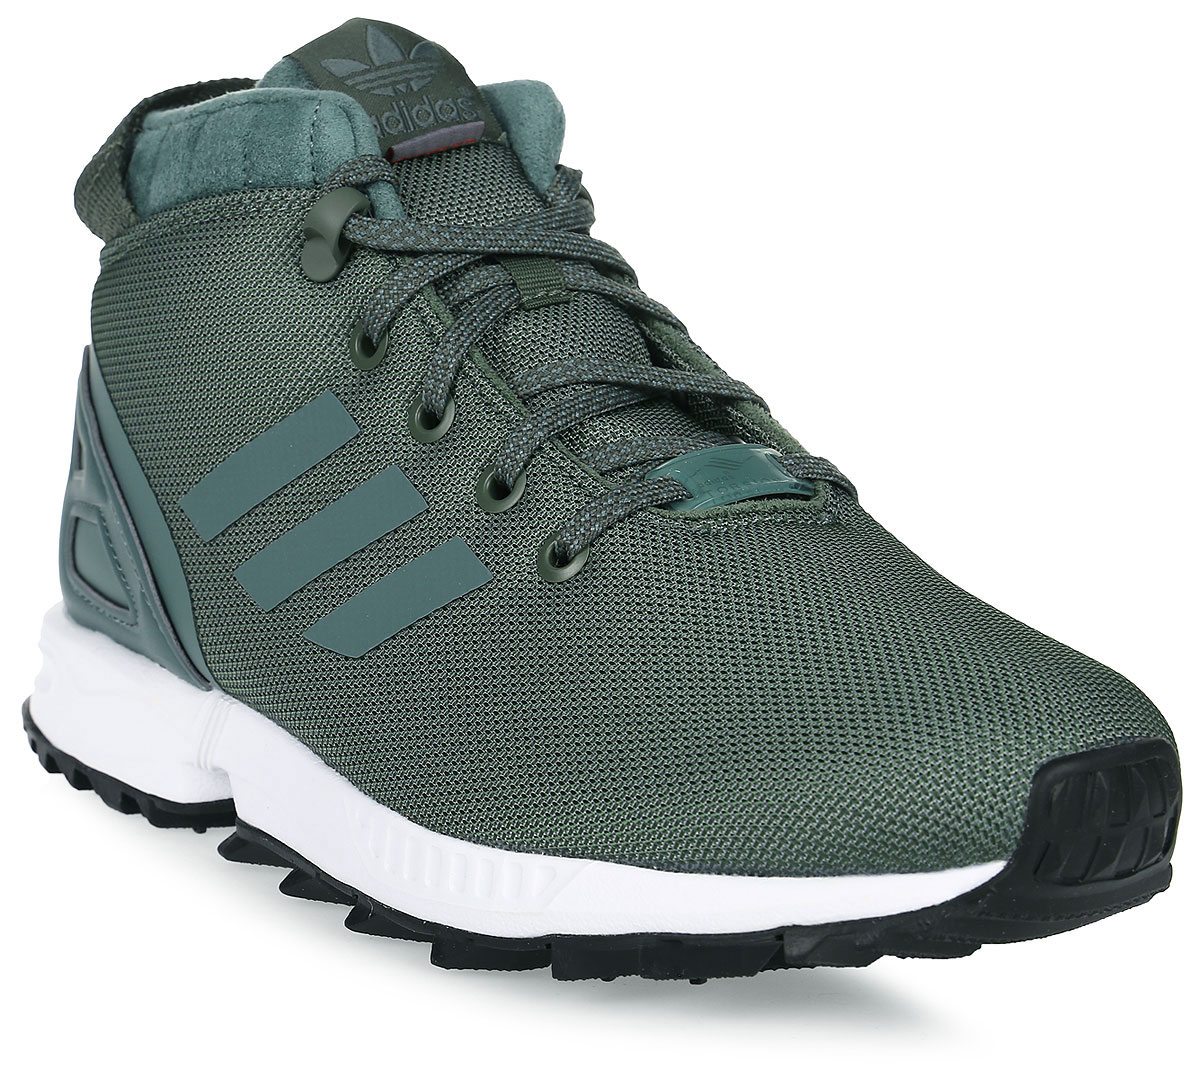 Кроссовки для мальчика adidas ZX Flux 5/8 Tr J, цвет: хаки. BY9061. Размер 38,5BY9061Кроссовки от Adidas придутся по душе вашему ребенку. Верх обуви, изготовленный из текстиля, оформлен литыми полосками из термополиуретана и фирменной нашивкой на язычке. Классическая шнуровка надежно зафиксирует изделие на ноге. Неопреновая вставка на пятке обеспечивает дополнительную поддержку стопы. Модель с меховой подкладкой дополнена цепкой трейловой подошвой для устойчивости на скользких поверхностях. Утеплитель PrimaLoft® продолжает греть даже во влажном состоянии; комфортная и функциональная стелька с антимикробным покрытием. Стильные кроссовки займут достойное место в гардеробе вашего ребенка.